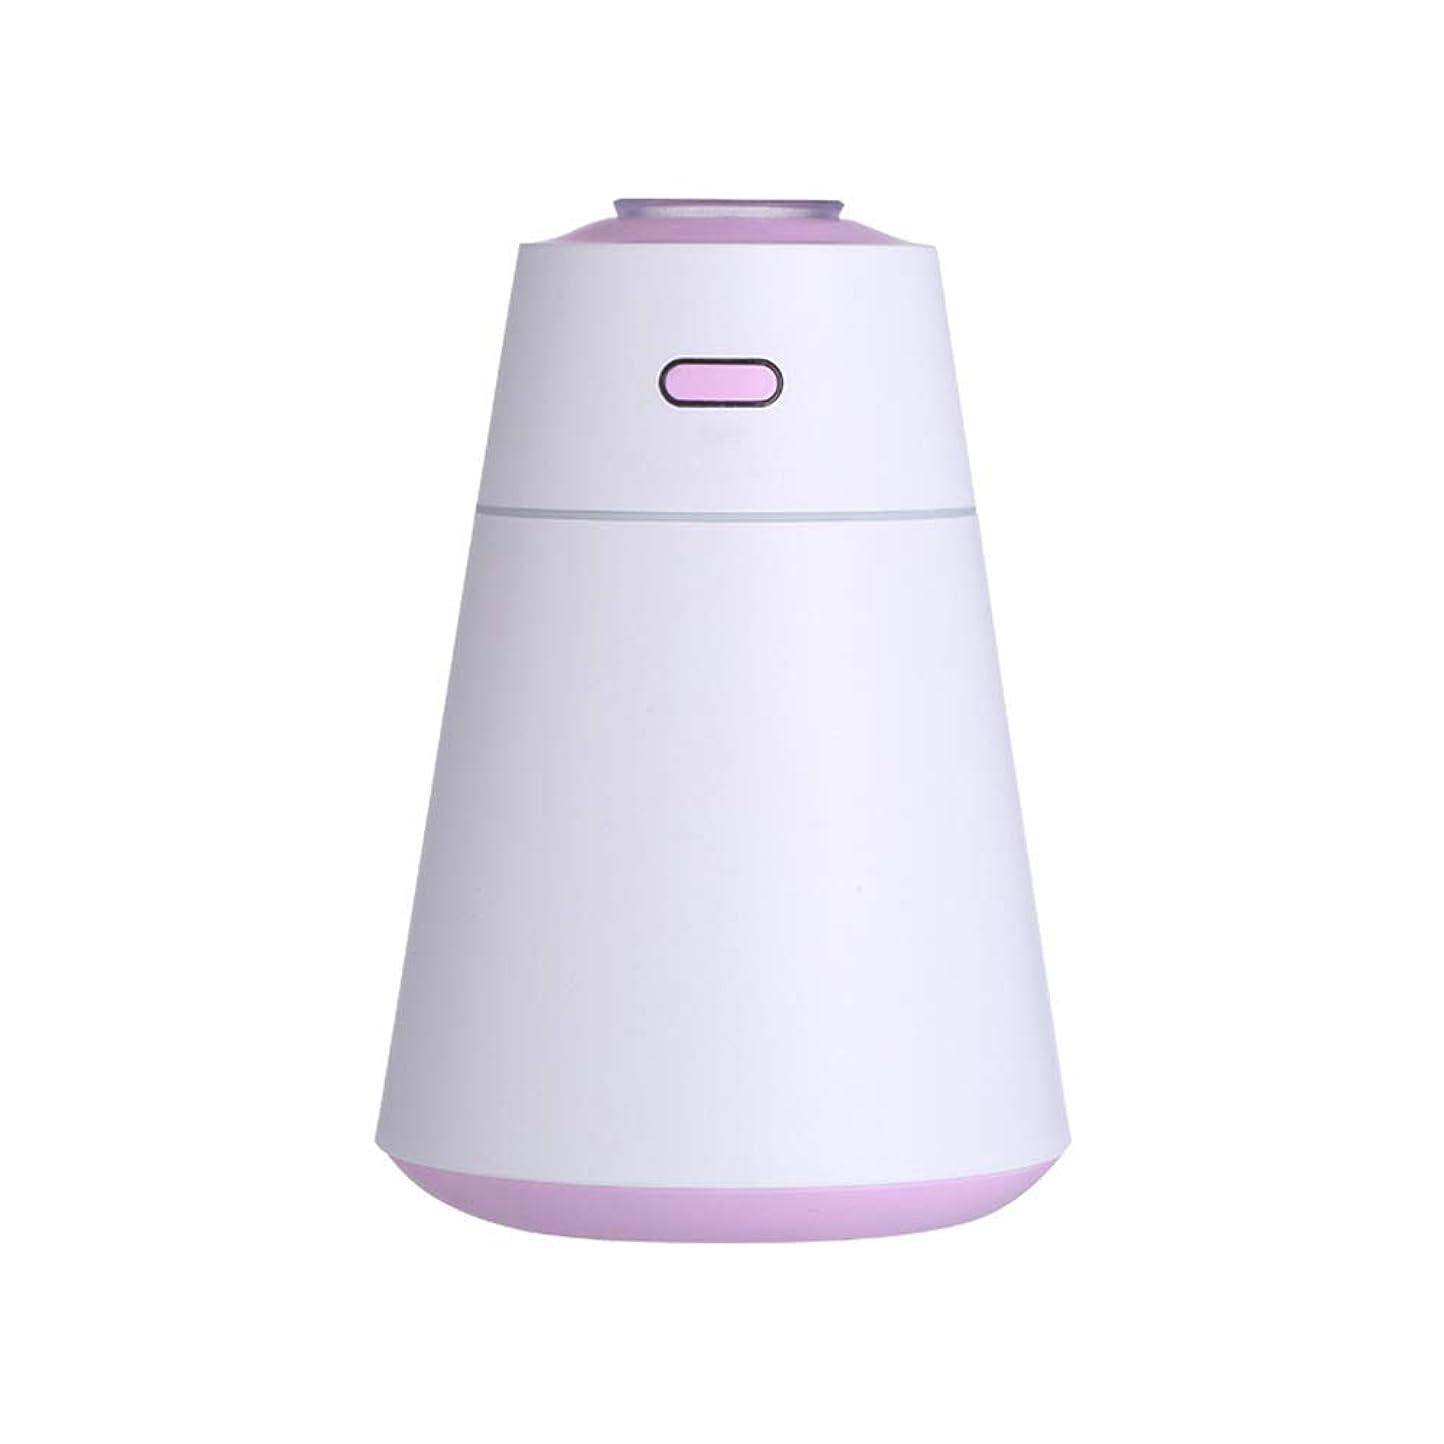 下手ディスコ刺激する加湿器USBデスクトップ寝室加湿器クリエイティブファッションシンプルな火山加湿器超音波加湿,Pink